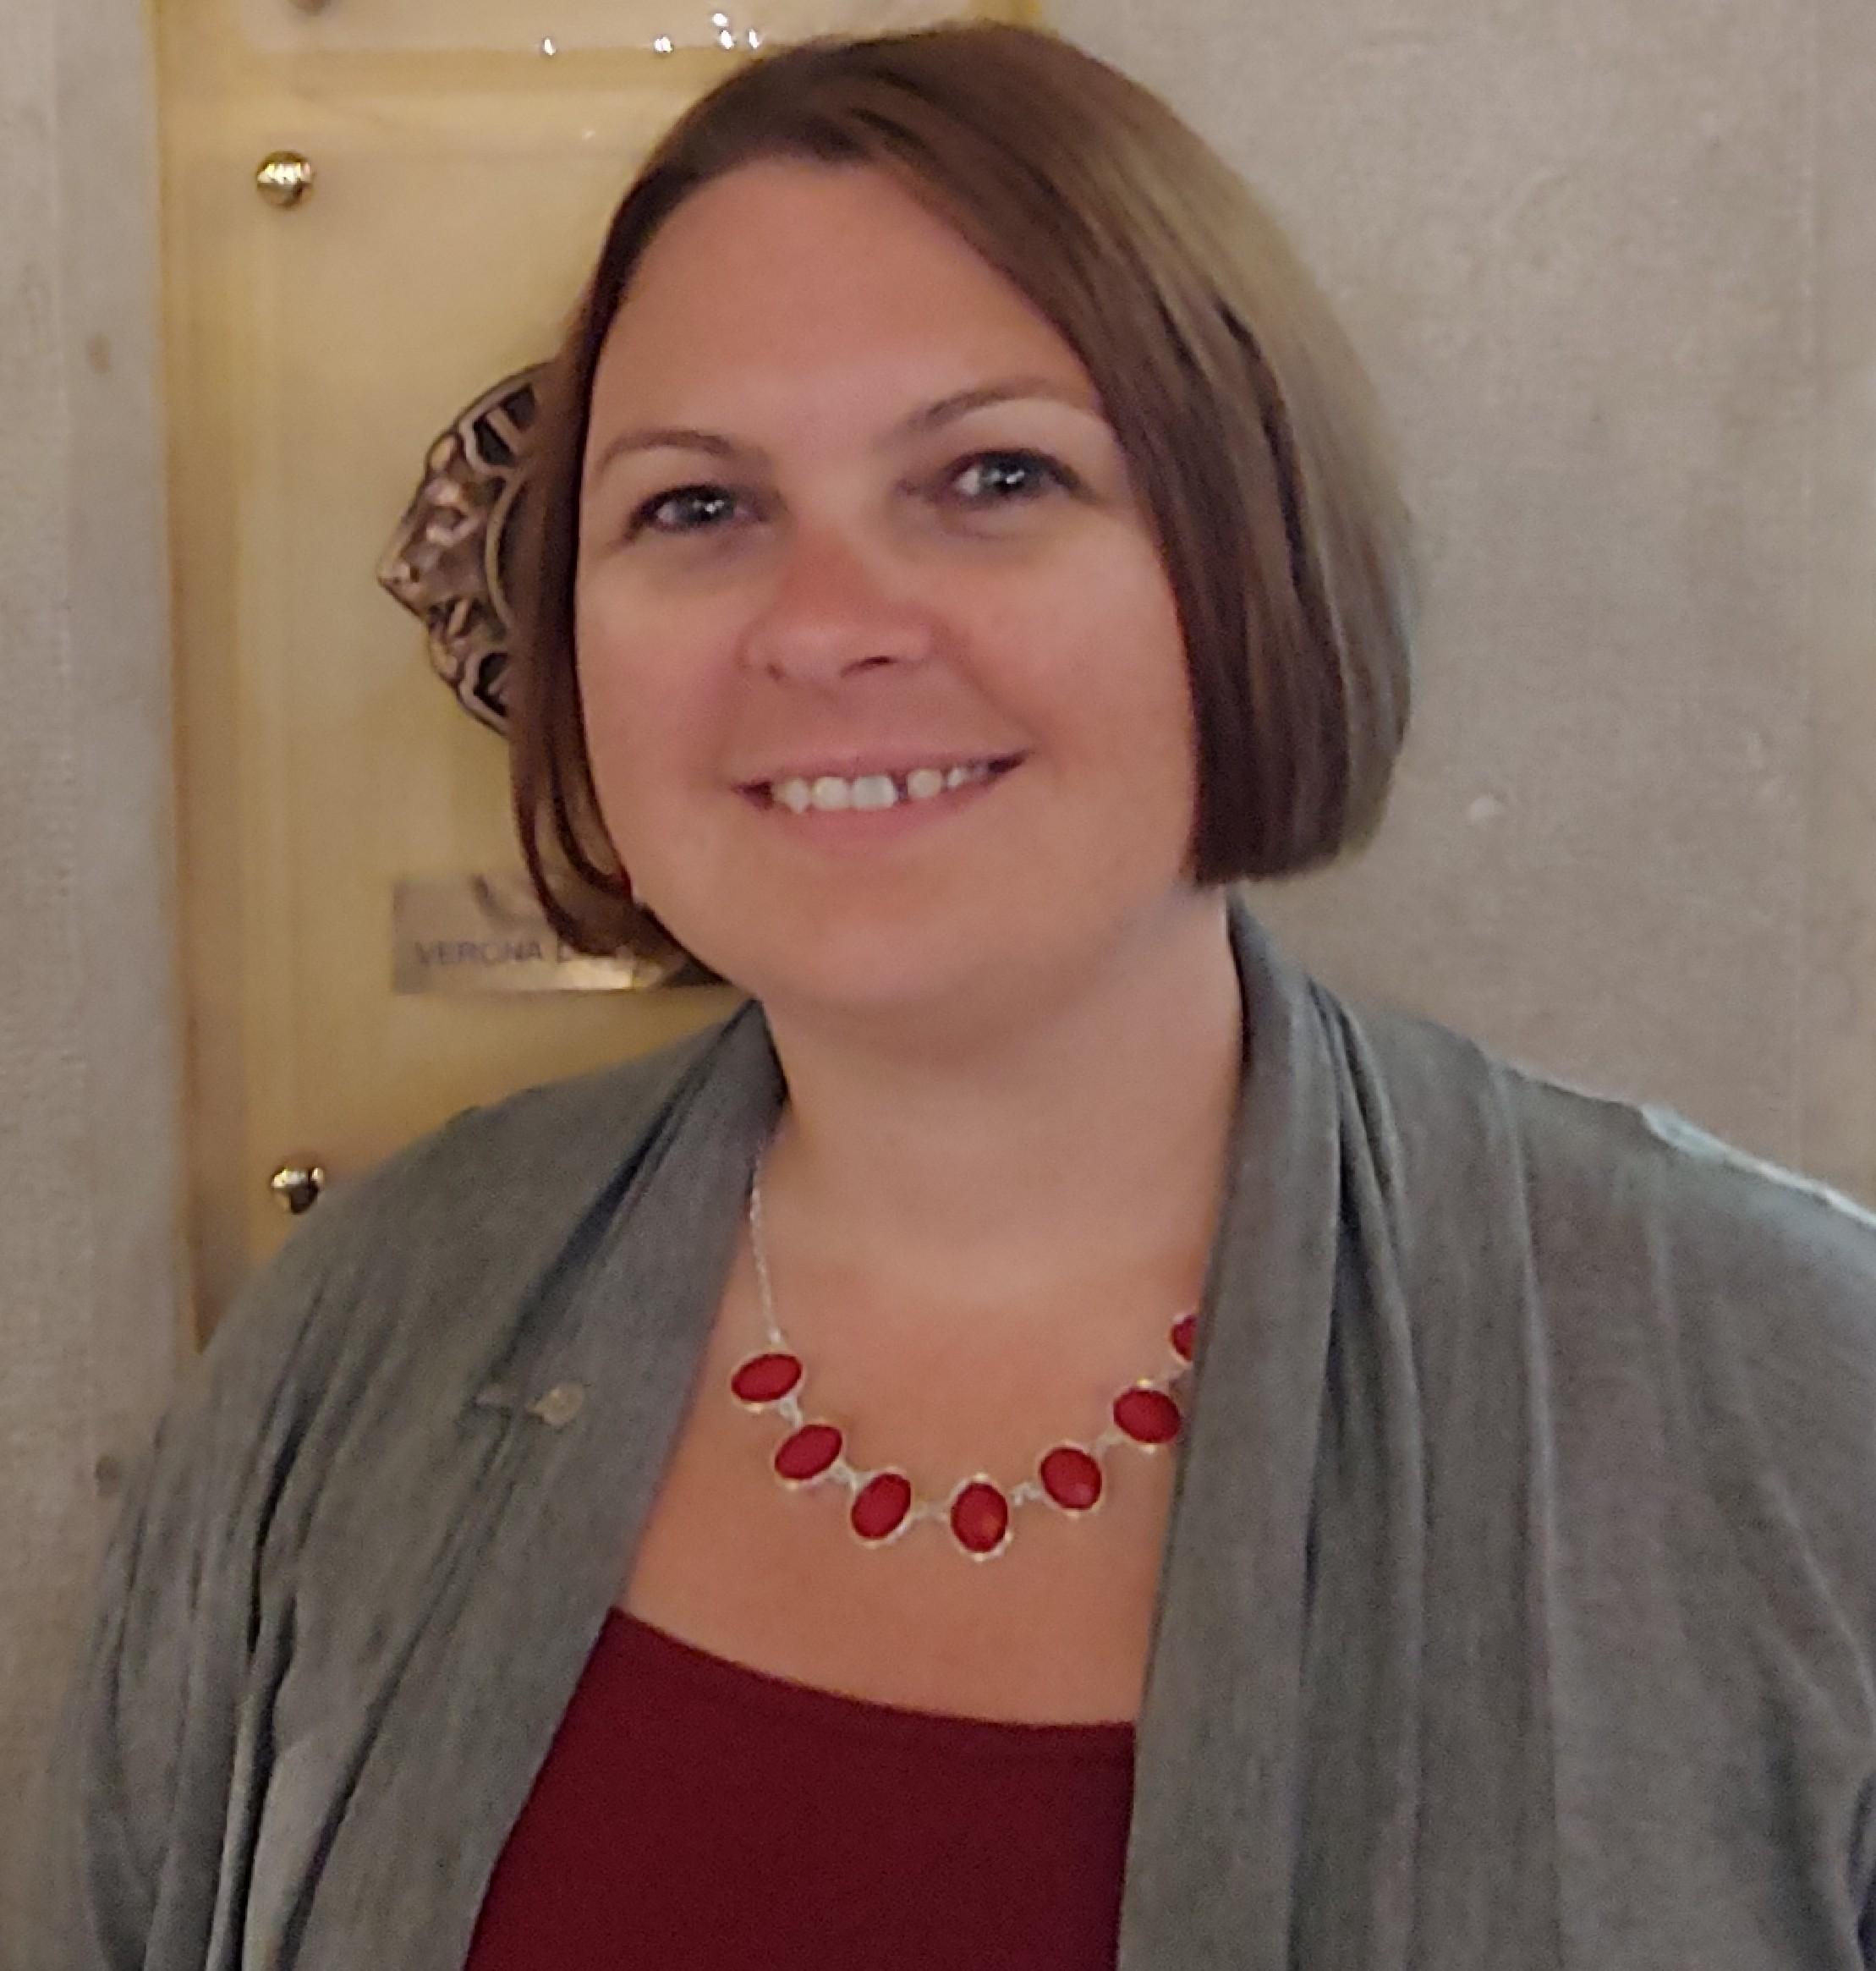 Erica Brouillette - Community Service Director